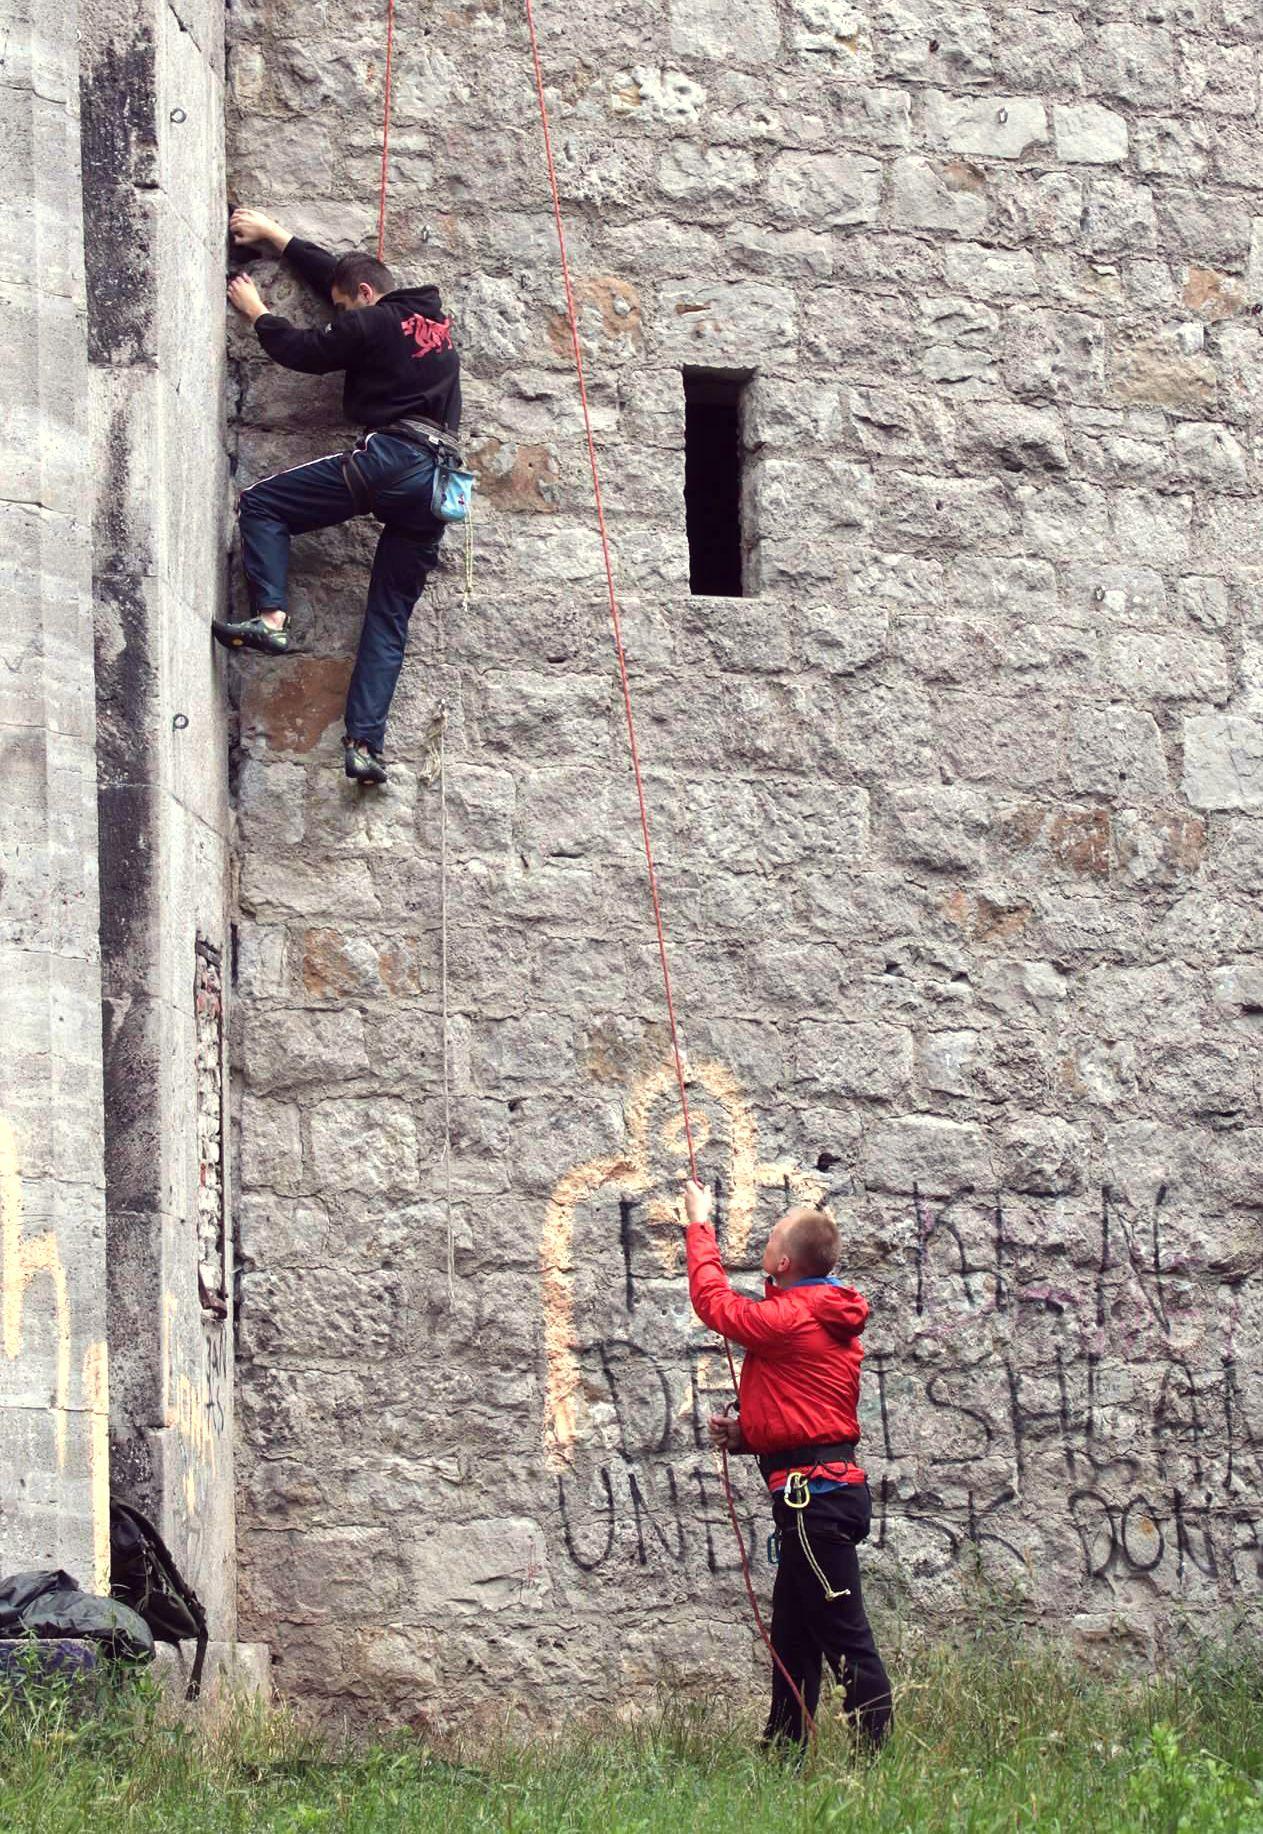 wspinaczkowe kadry - wieża gocławska 5